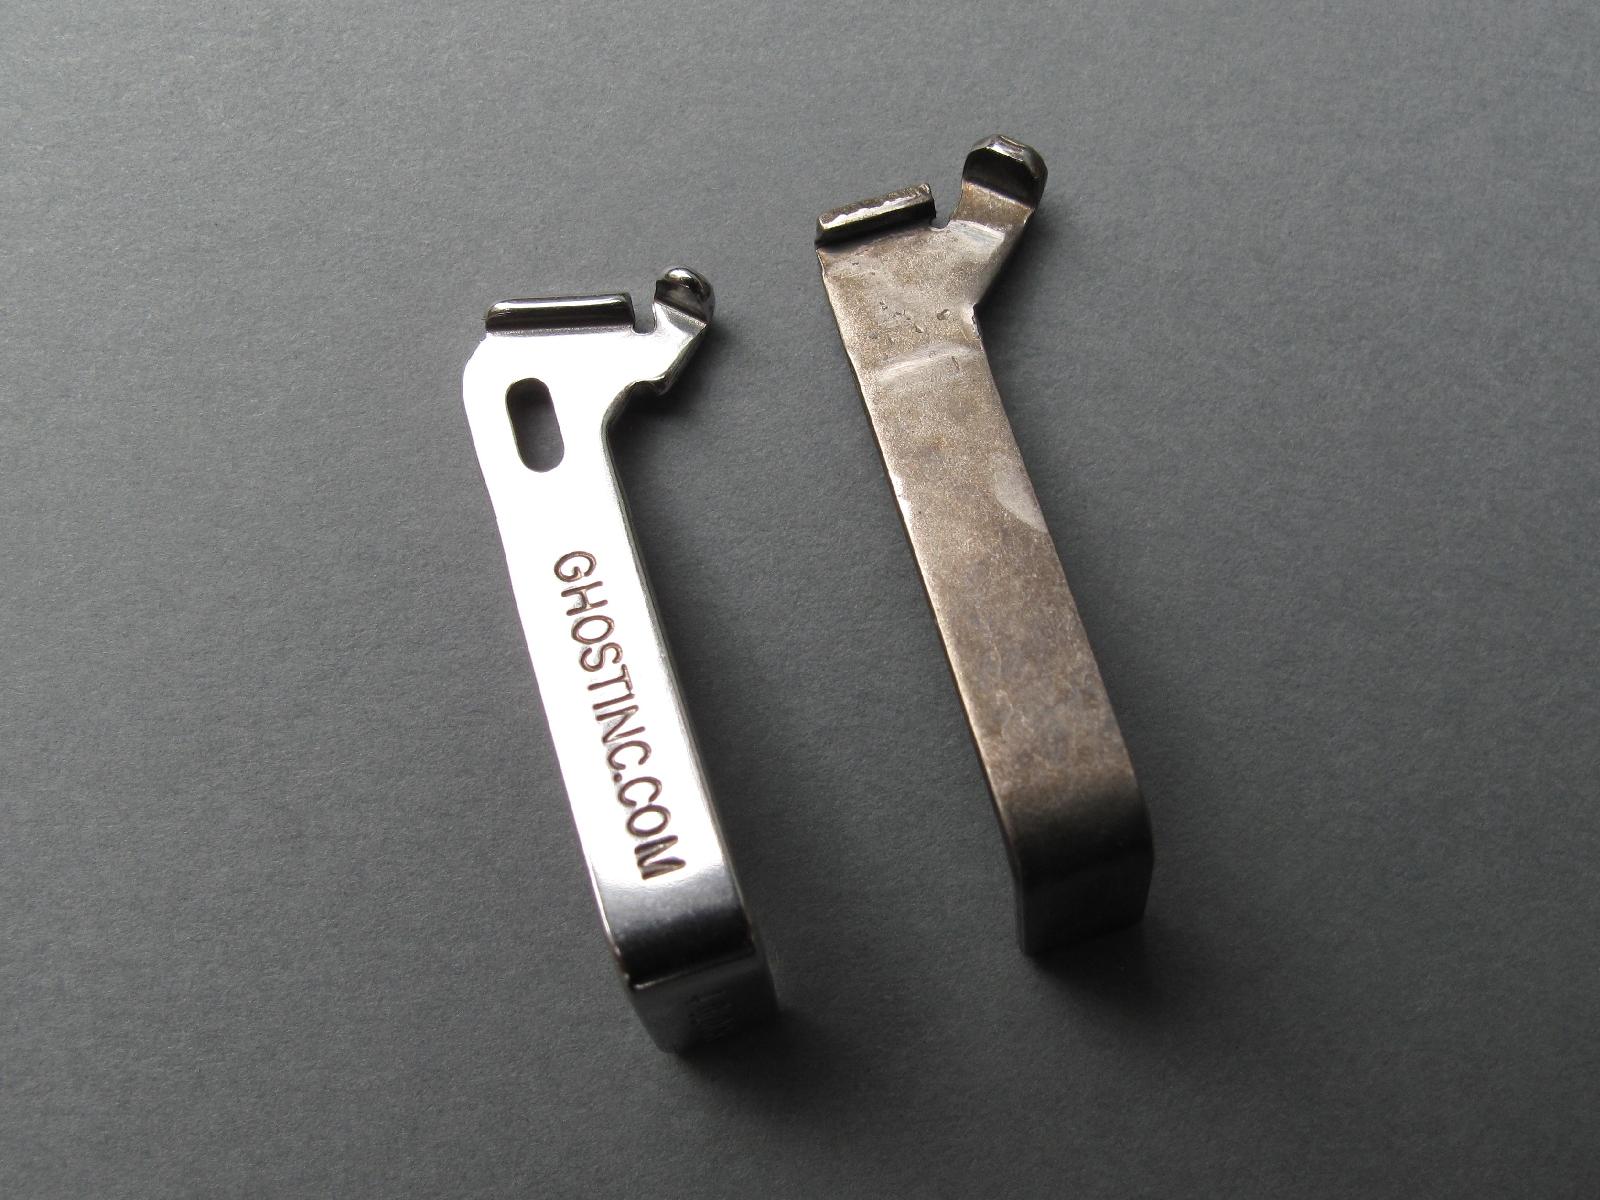 Comparaison entre le connecteur Ghost (à gauche) et le connecteur d'origine de notre Glock 17 Gen3.